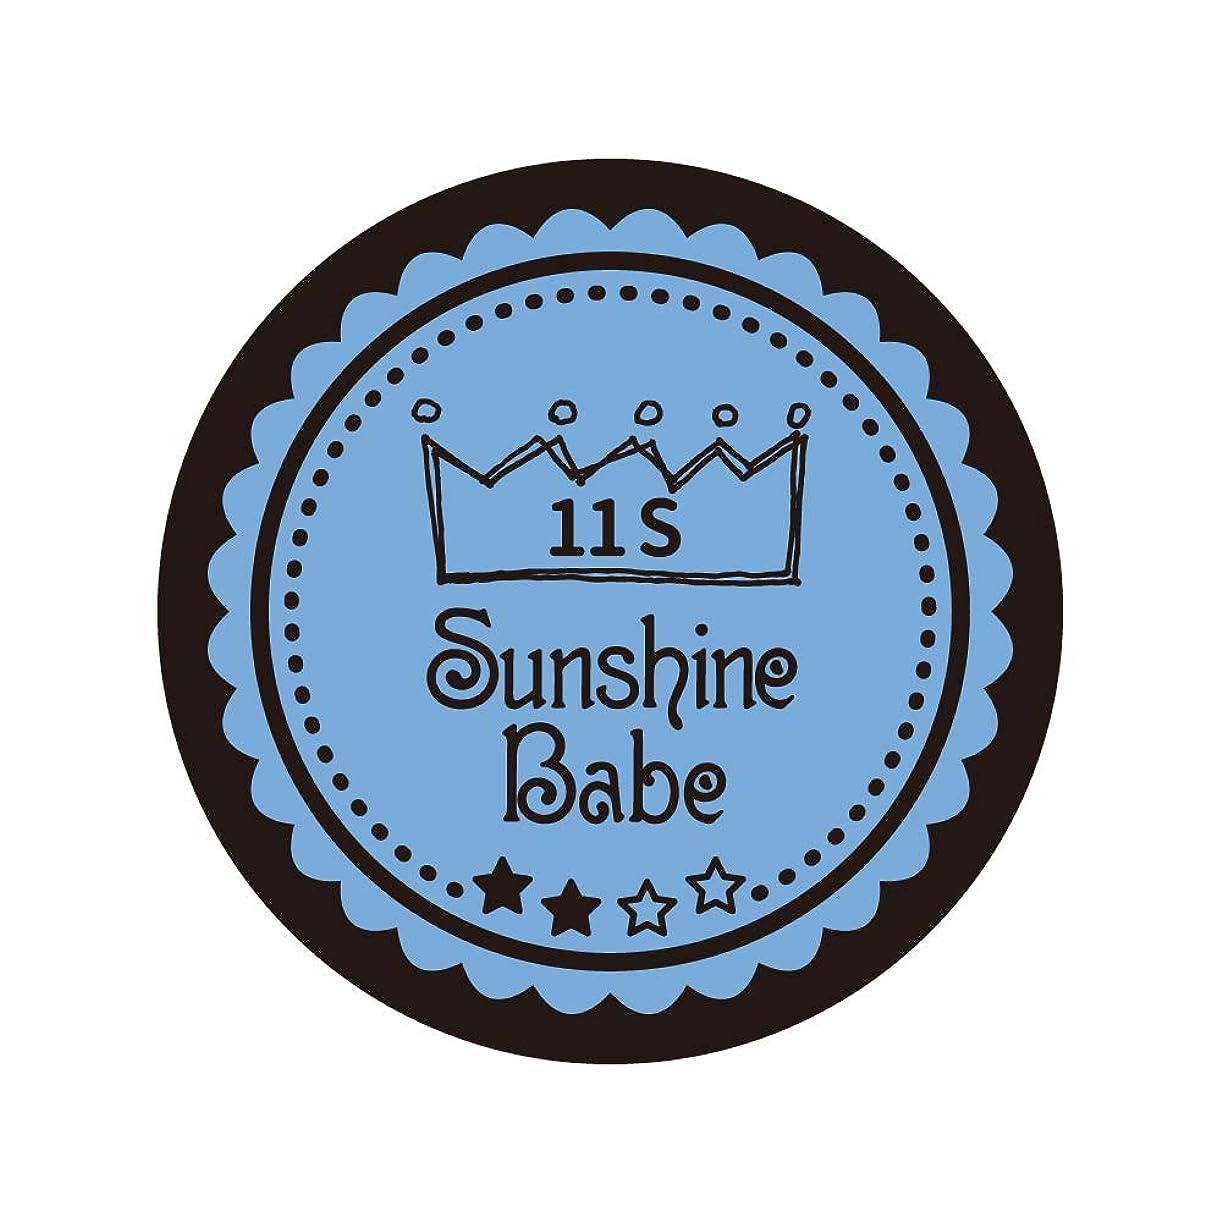 余韻禁止する住居Sunshine Babe コスメティックカラー 11S リトルボーイブルー 4g UV/LED対応